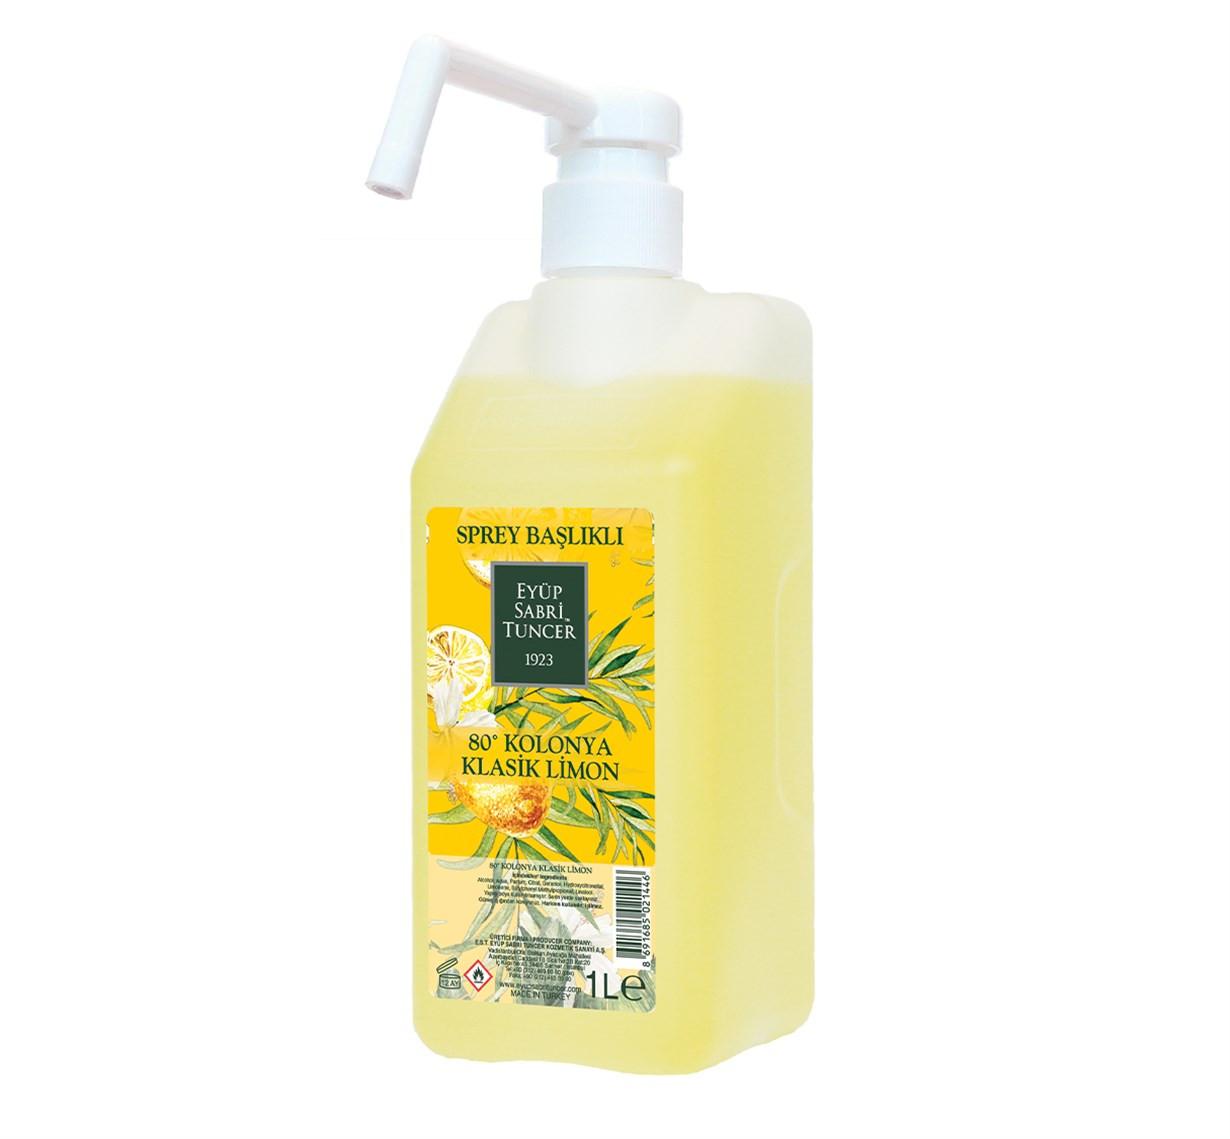 Eyüp Sabri Tuncer Klasik Limon Kolonyası 1 lt - Sprey Başlıklı